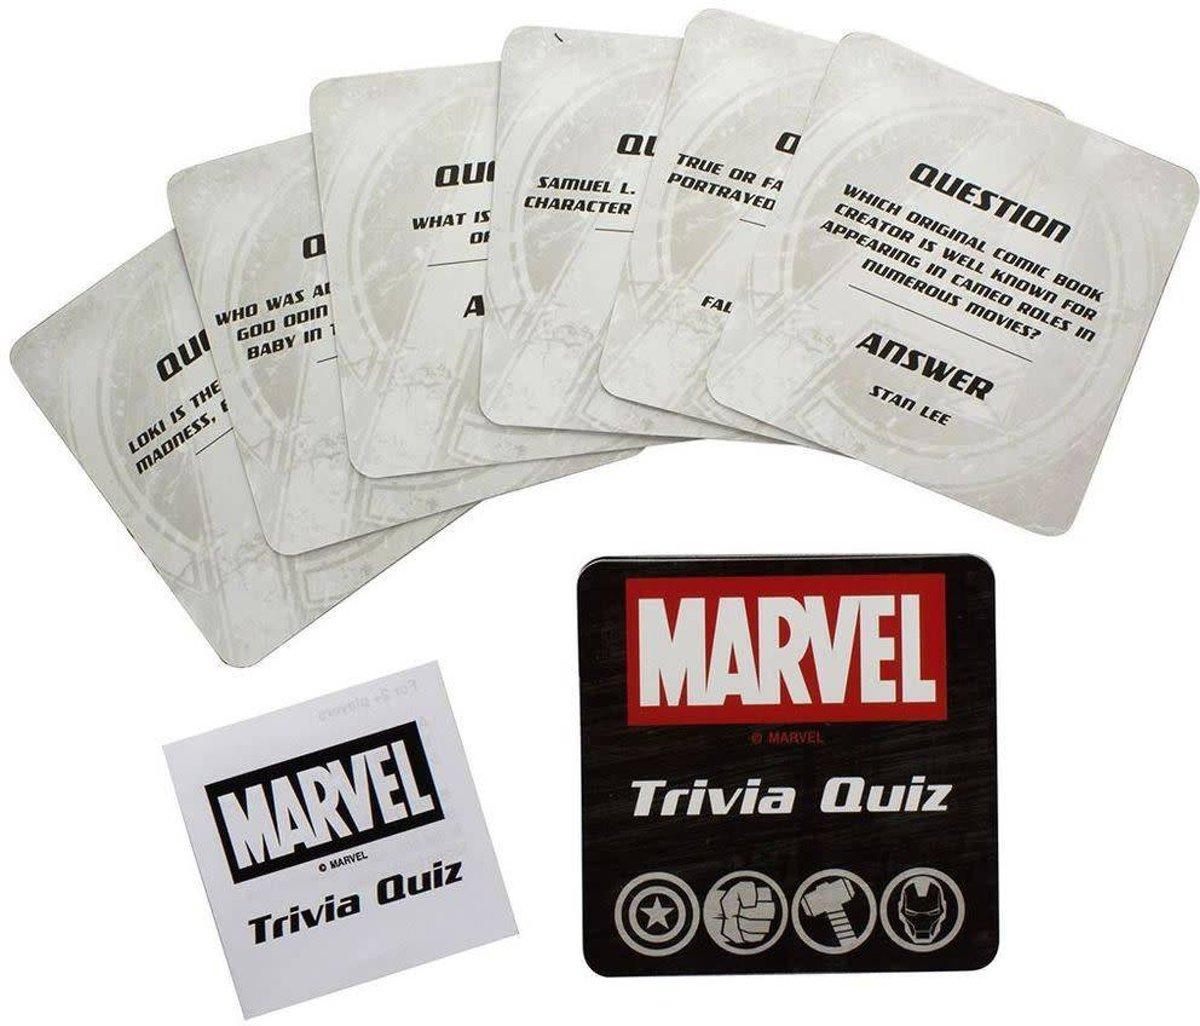 Marvel: Trivia Quiz